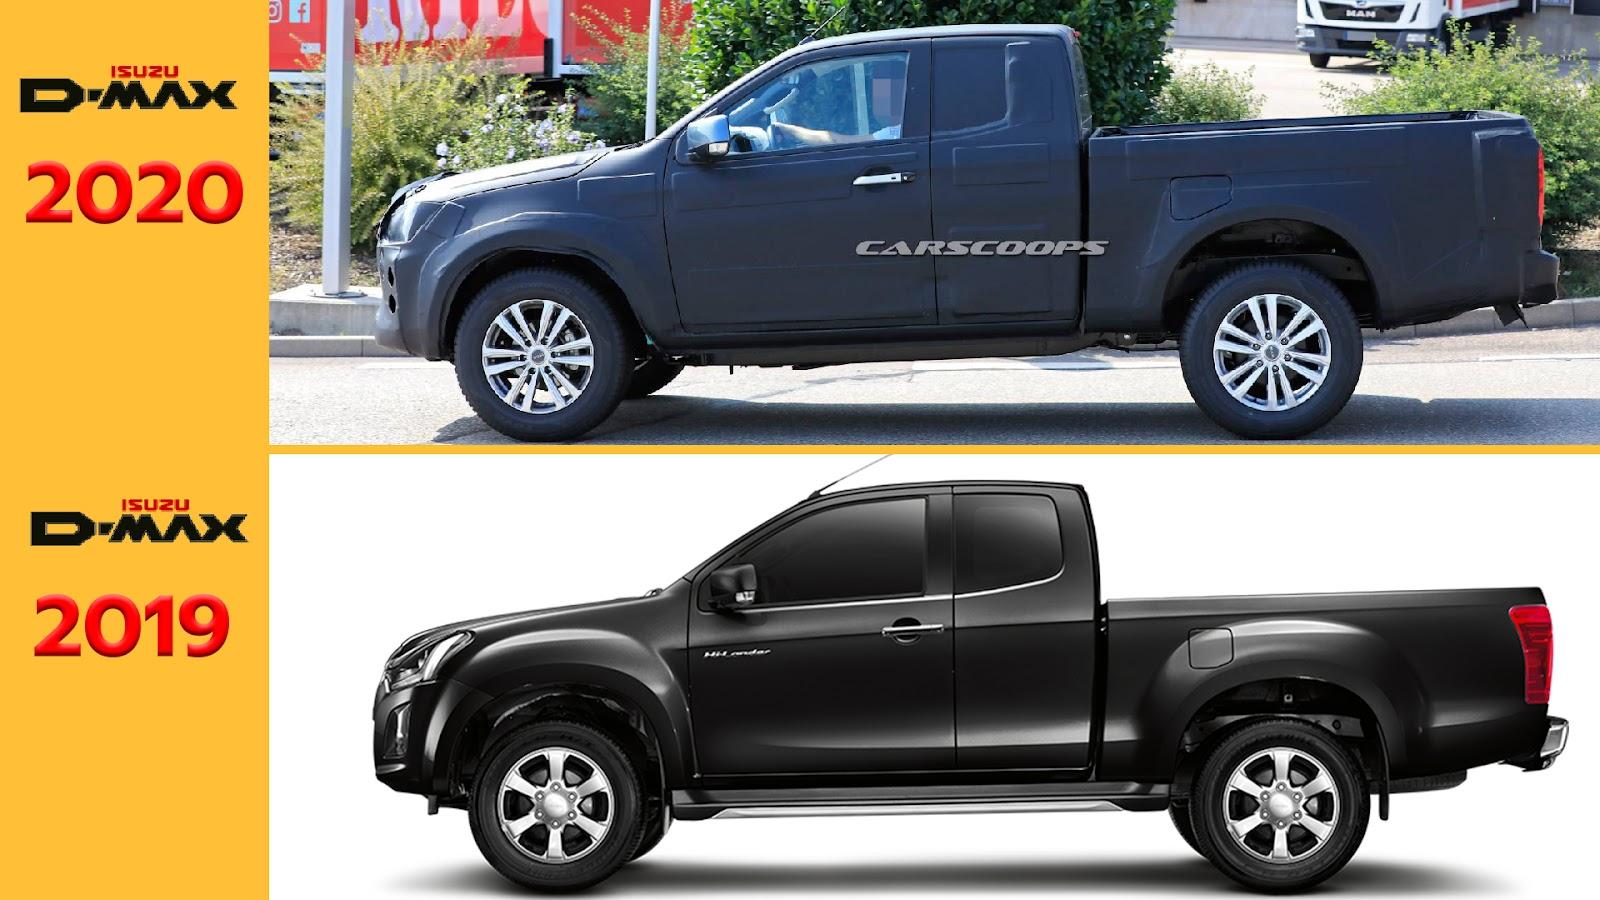 ภาพเปรียบเทียบตัวถังของ Isuzu D-Max โฉมเก่าและใหม่